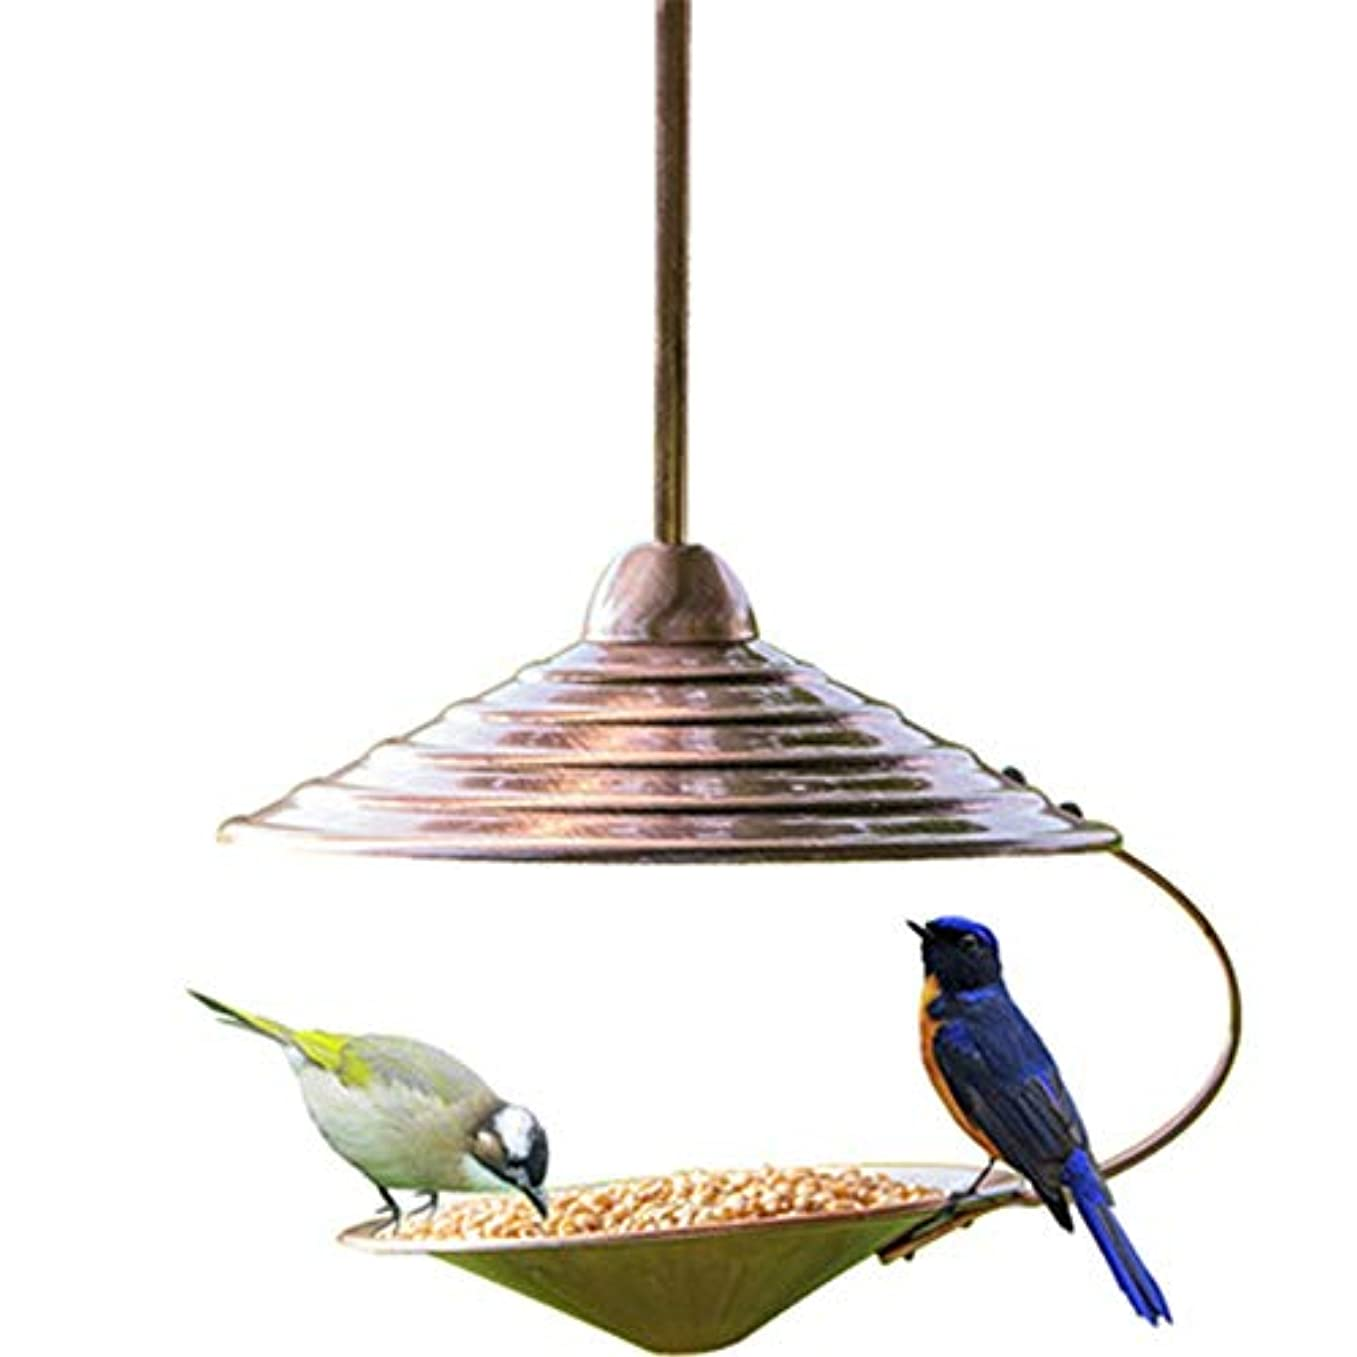 けがをするたまに幸運な鳥の餌箱 メタルバードフィーダーハウス中庭キャビンオープントラディショナルイージークリーニングリフィルバードフィーダーアウトドア用ハンギングデコレーションバードテーブルフリースタンディング 裏庭、庭、窓枠用 (Color : Brass, Size : Free size)